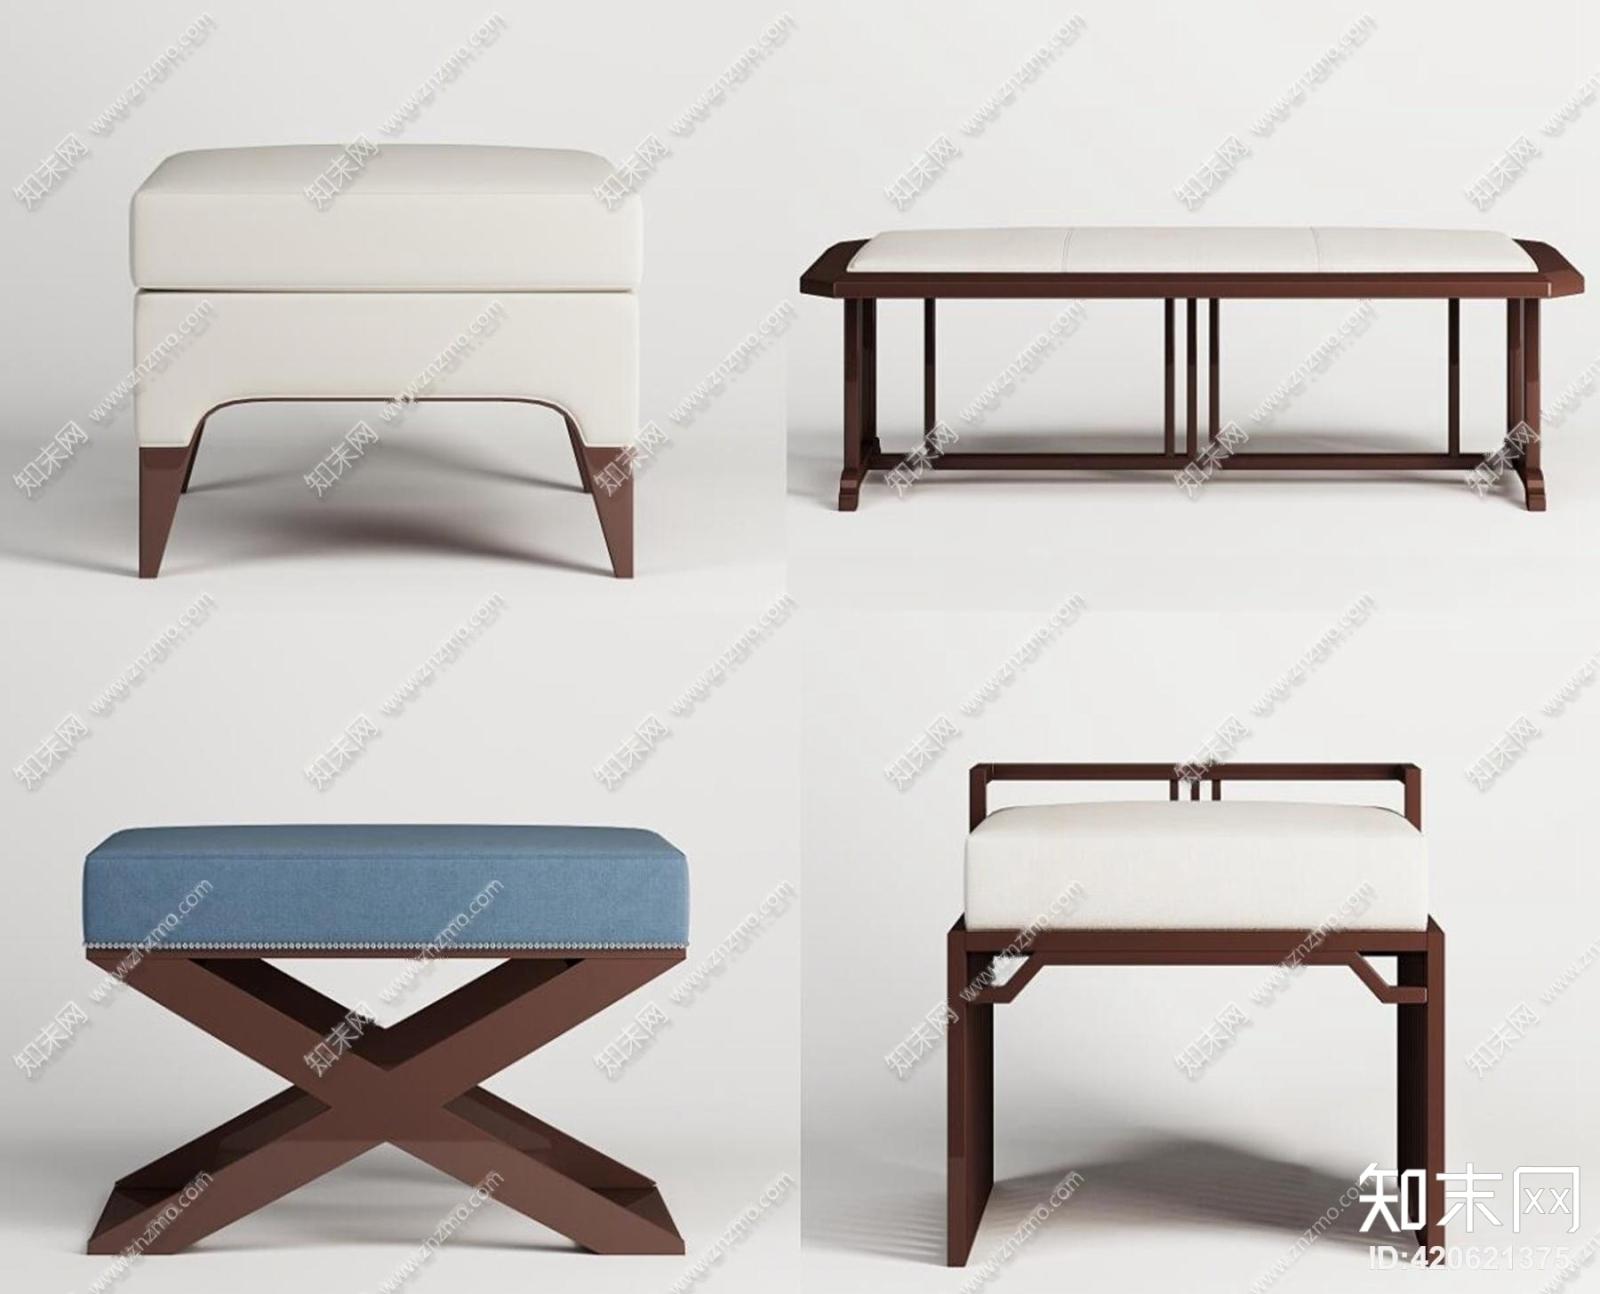 新中式实木布艺沙发凳组合3D模型3D模型下载【ID:420621375】